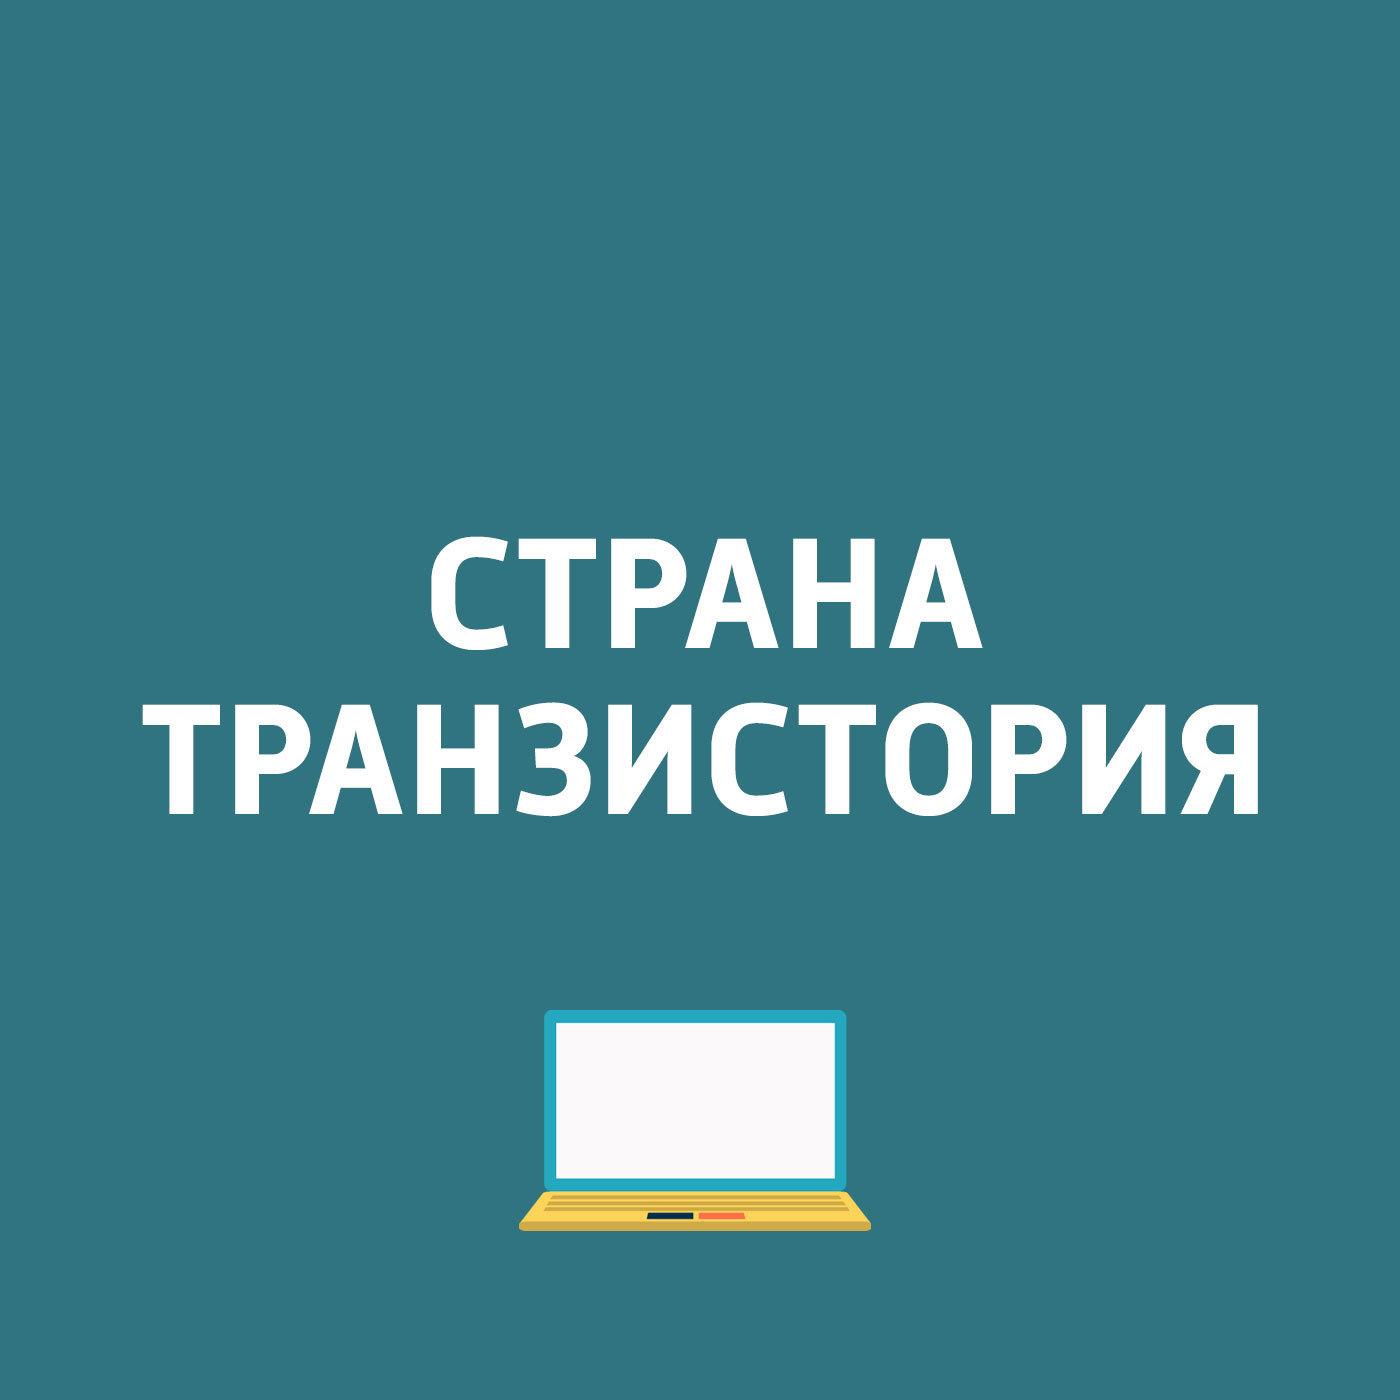 Картаев Павел LG X Venture; Garmin Virb 360... экшн камера garmin virb 360